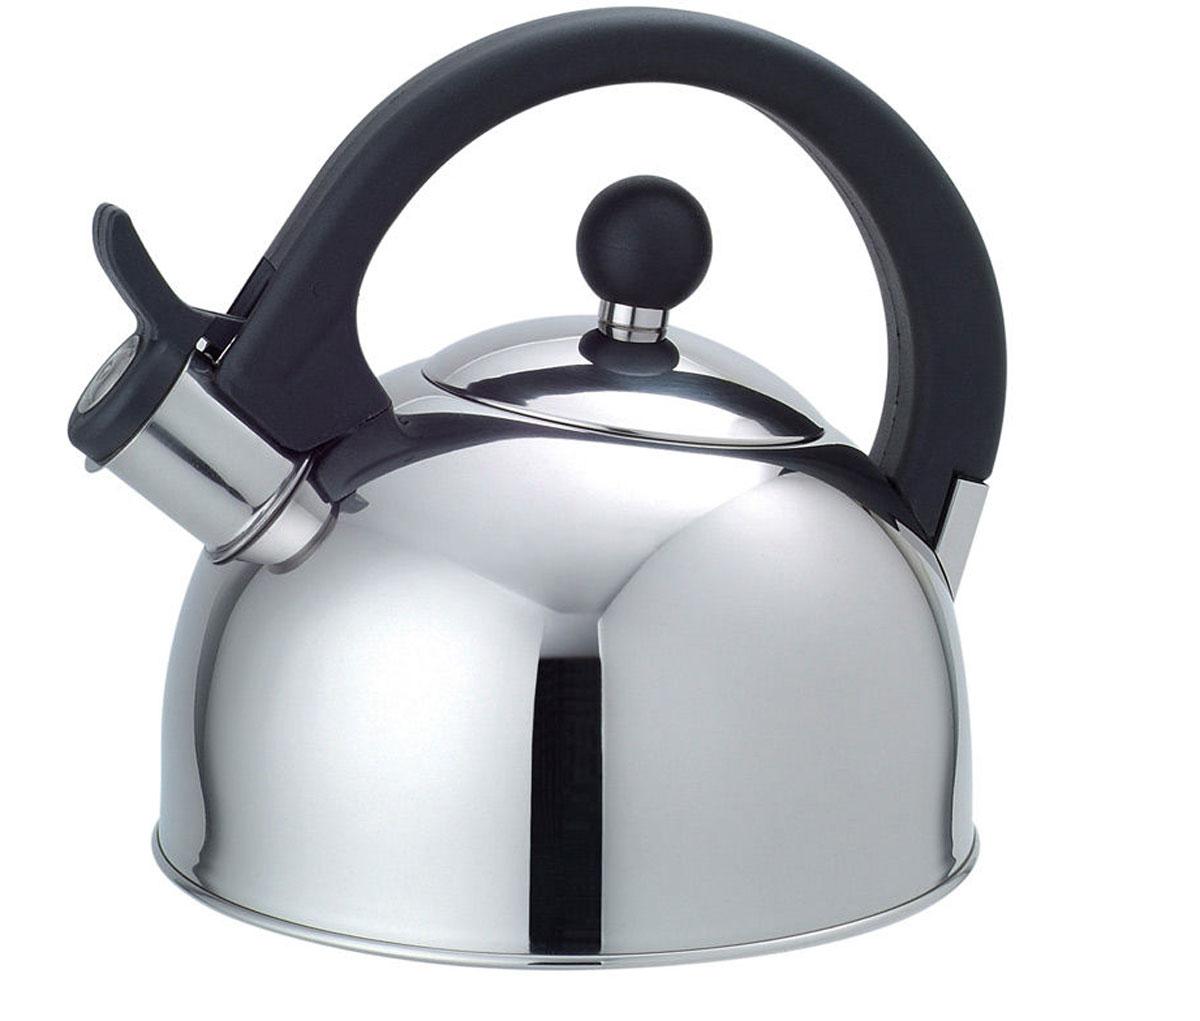 Чайник газовый Добрыня, 2,0 лDO-2906Чайник Добрыня окажется незаменимым помощником в приготовлении чая. Высококачественные материалы обеспечивают продолжительную и безопасную эксплуатацию изделия. Кроме оригинального дизайнерского решения, комбинация высококачественного металла и свистка с внешней поверхностью из бакелита, не позволяет обжечься о раскаленный носик чайника при открытии клапана, для того, чтобы набрать воду или разлить кипяток по чашкам.